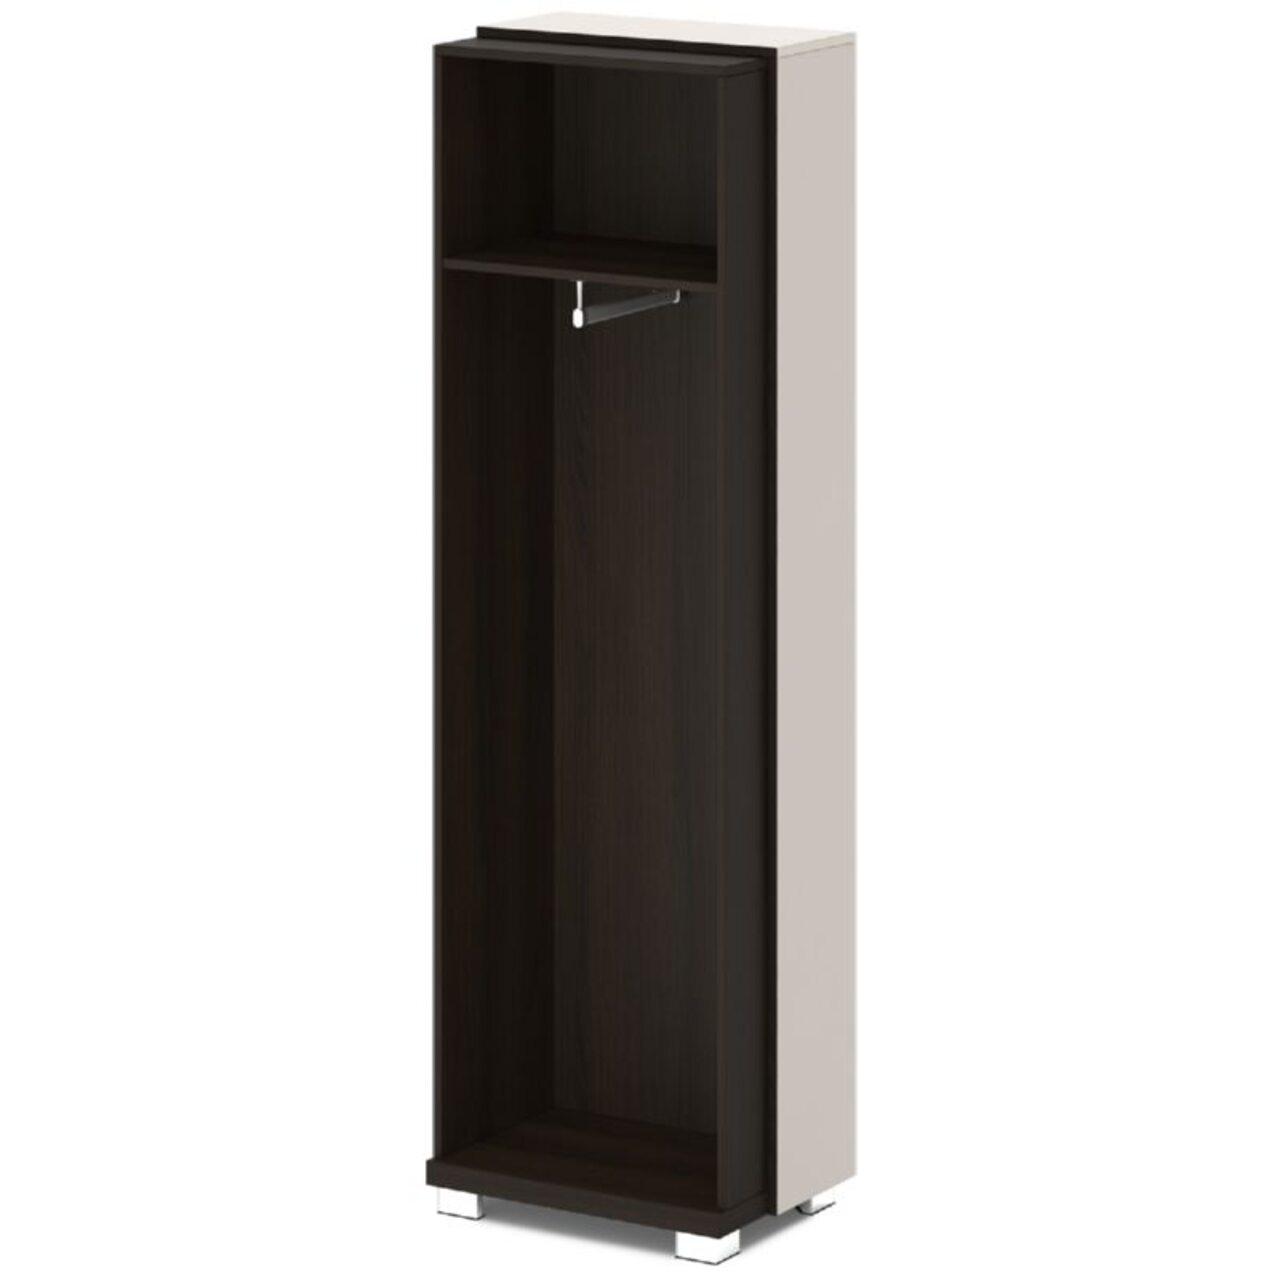 Каркас шкафа для одежды крайний - фото 11